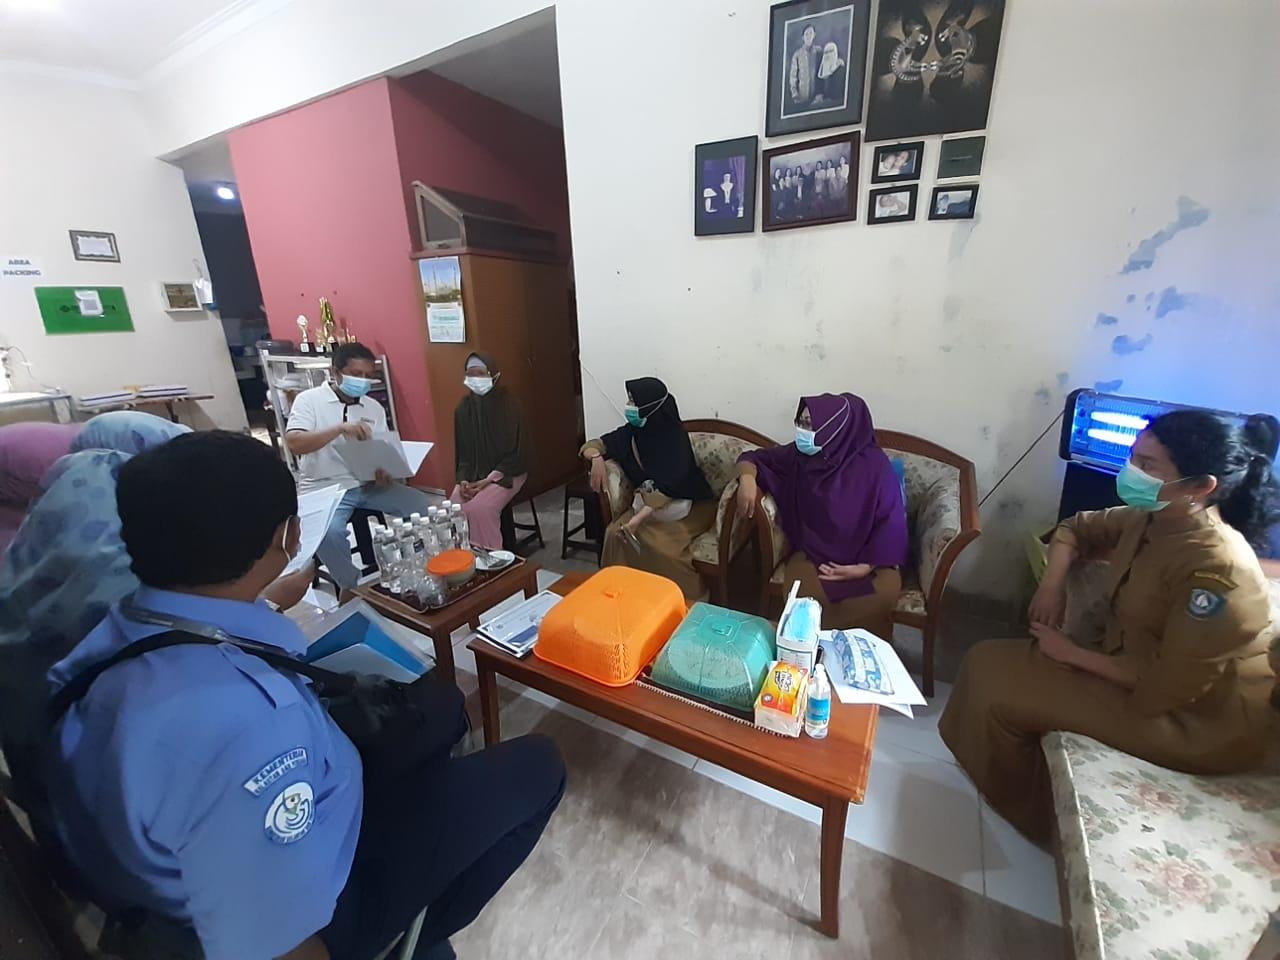 Mendampingi tim Kementerian Kelautan dan Perikanan serta Dinas Kelautan dan Perikanan Provinsi Kepri dalam rangka percepatan sertifikat kelayakan pengolahan di UPI Mang Jai.